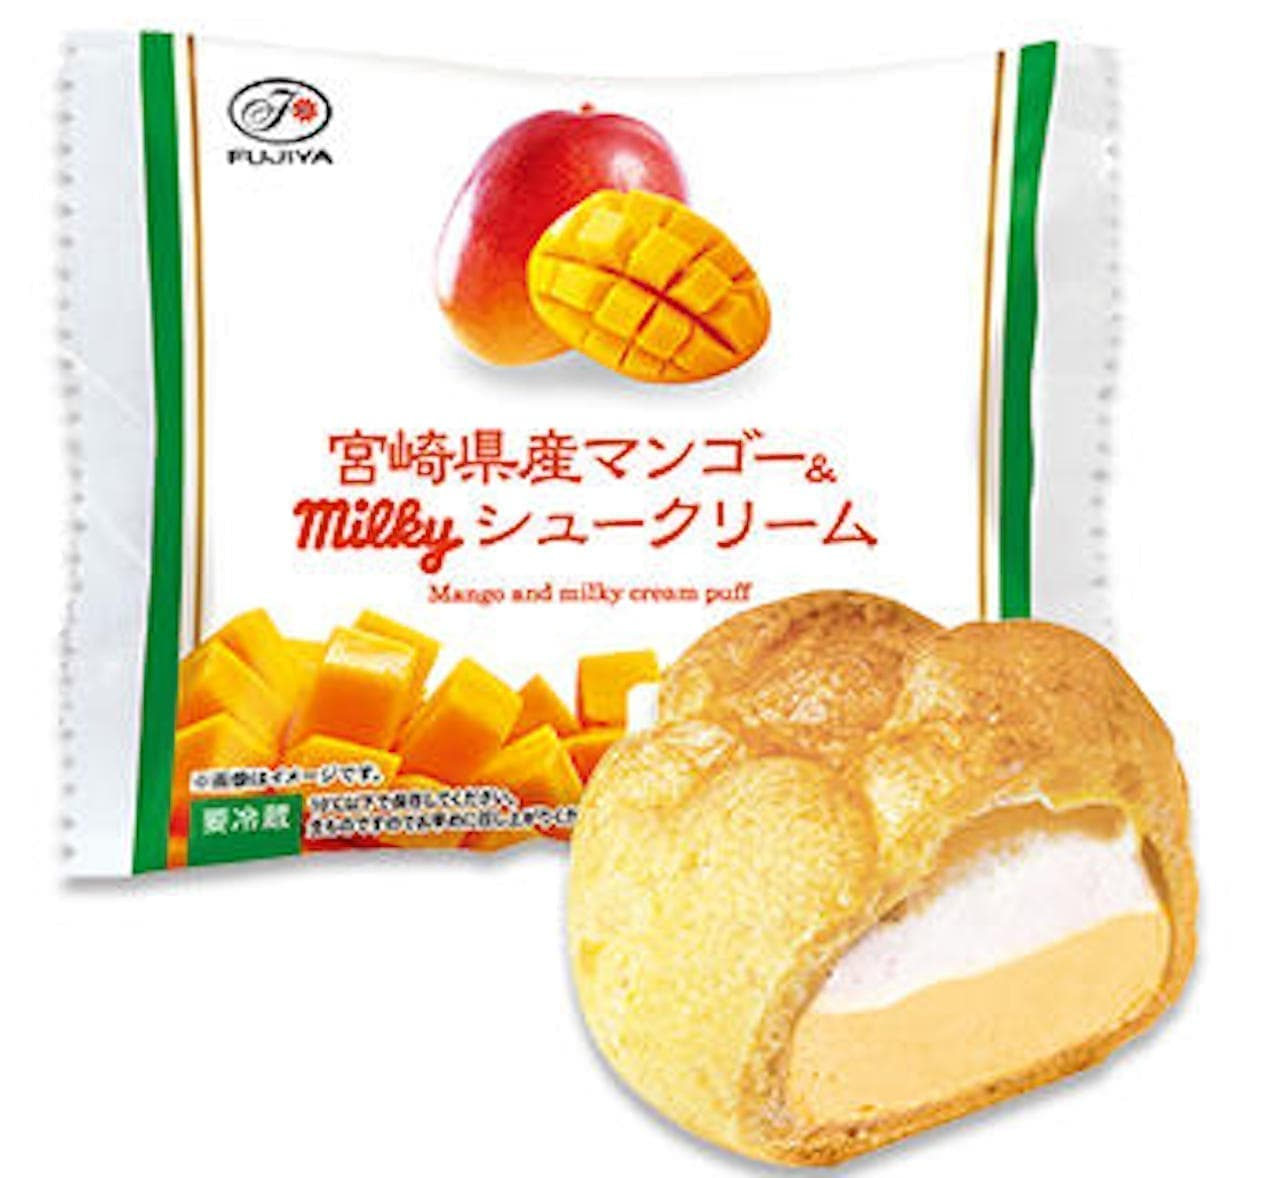 不二家「宮崎県産マンゴー&ミルキーシュークリーム」